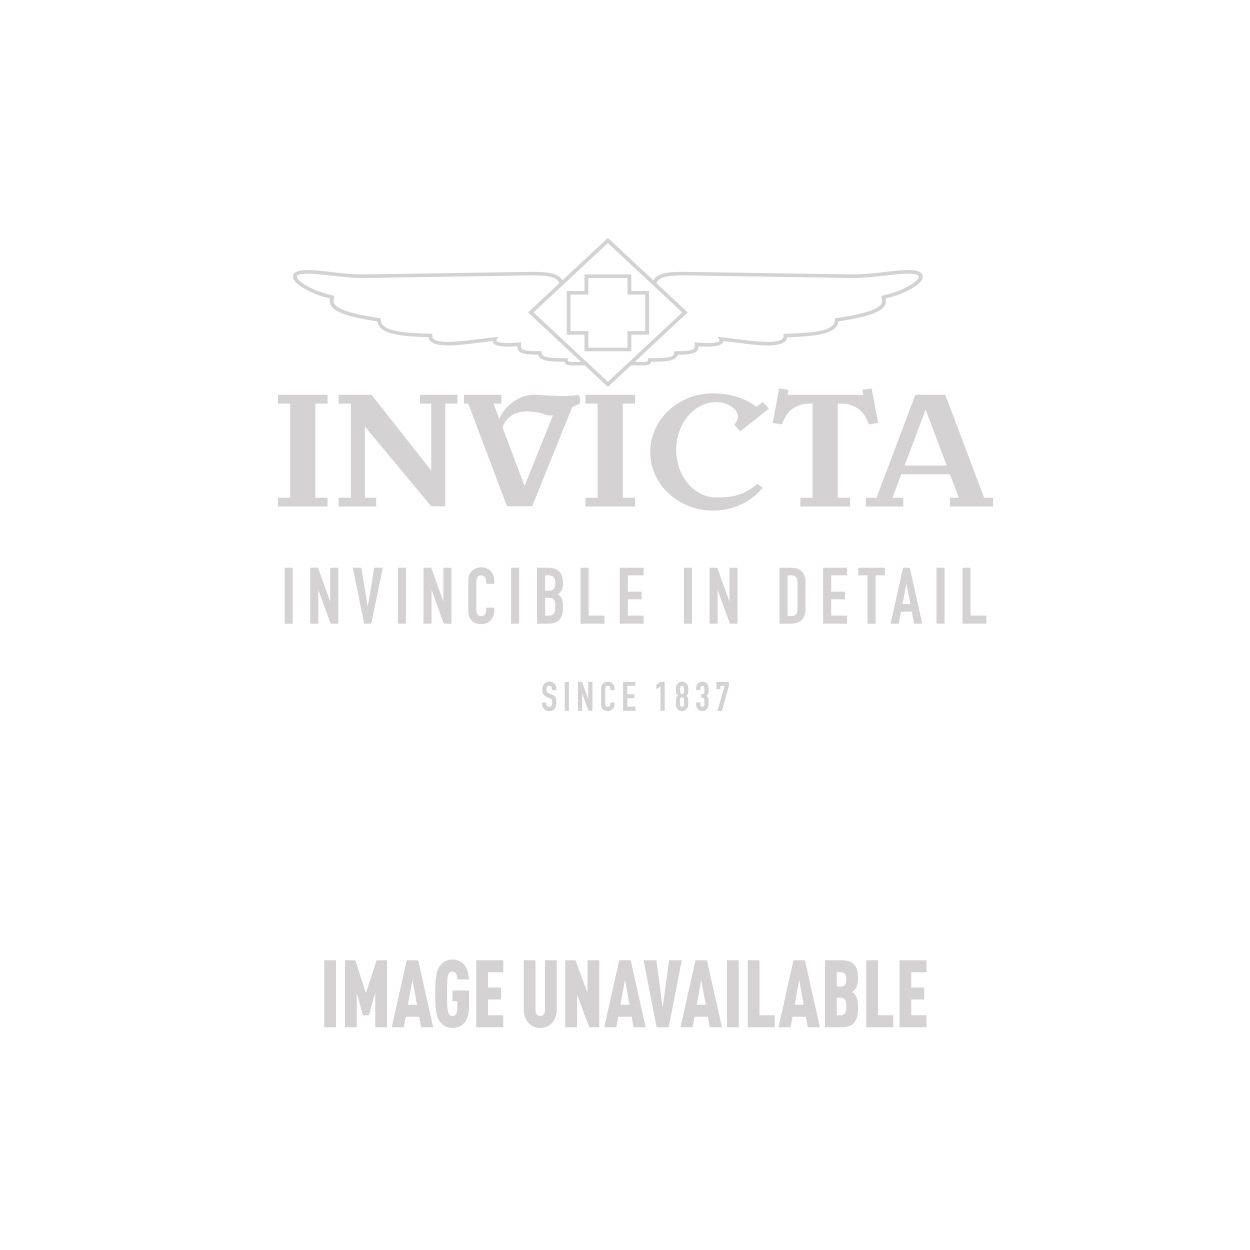 Invicta Model 27830